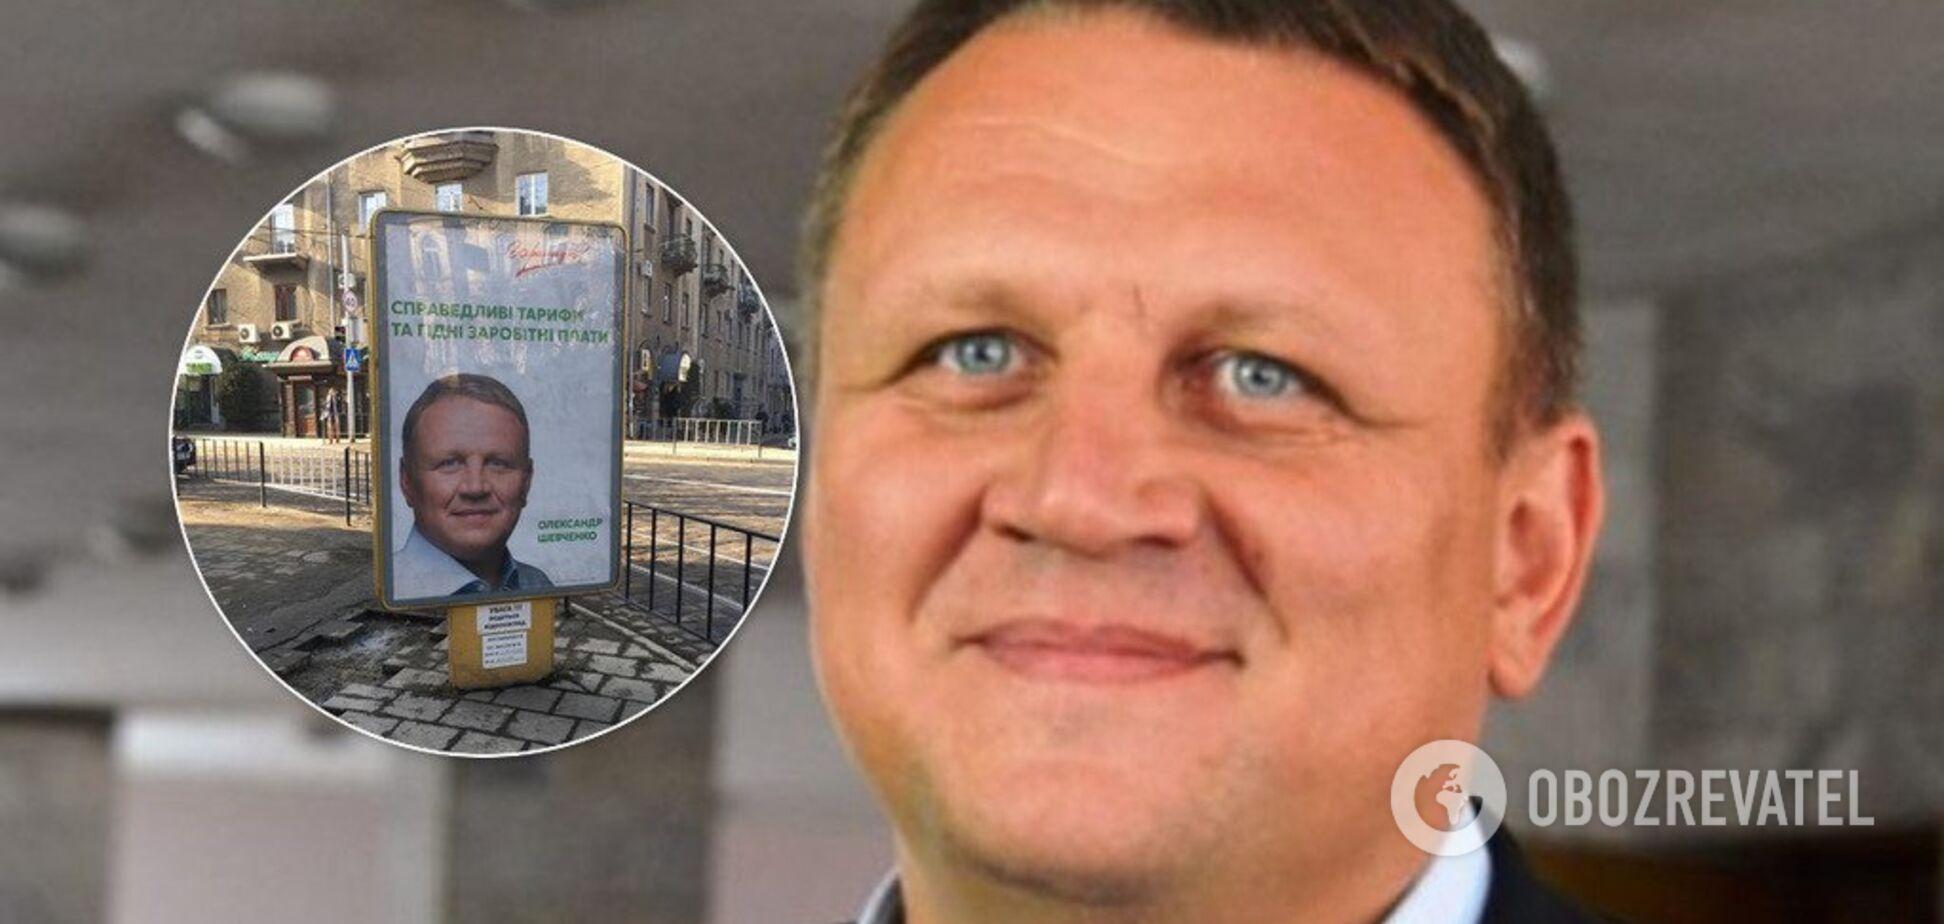 Екс-кандидата в президенти України підловили на крупній брехні в декларації